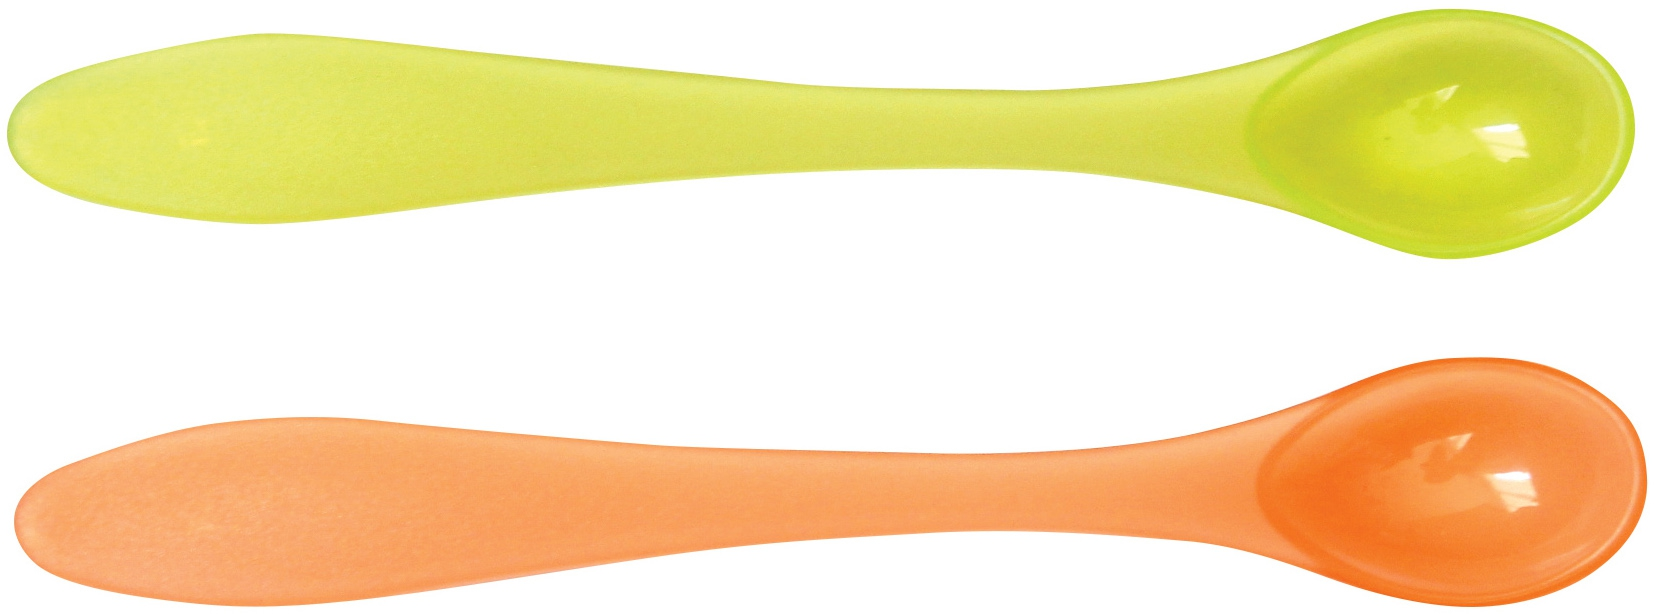 Столовые приборы LUBBY Ложка Lubby «Just LUBBY» с длинной ручкой с 6 мес. 2 шт. ложка happy baby soft silicone spoon с силиконовой ручкой с 6 мес в ассортименте